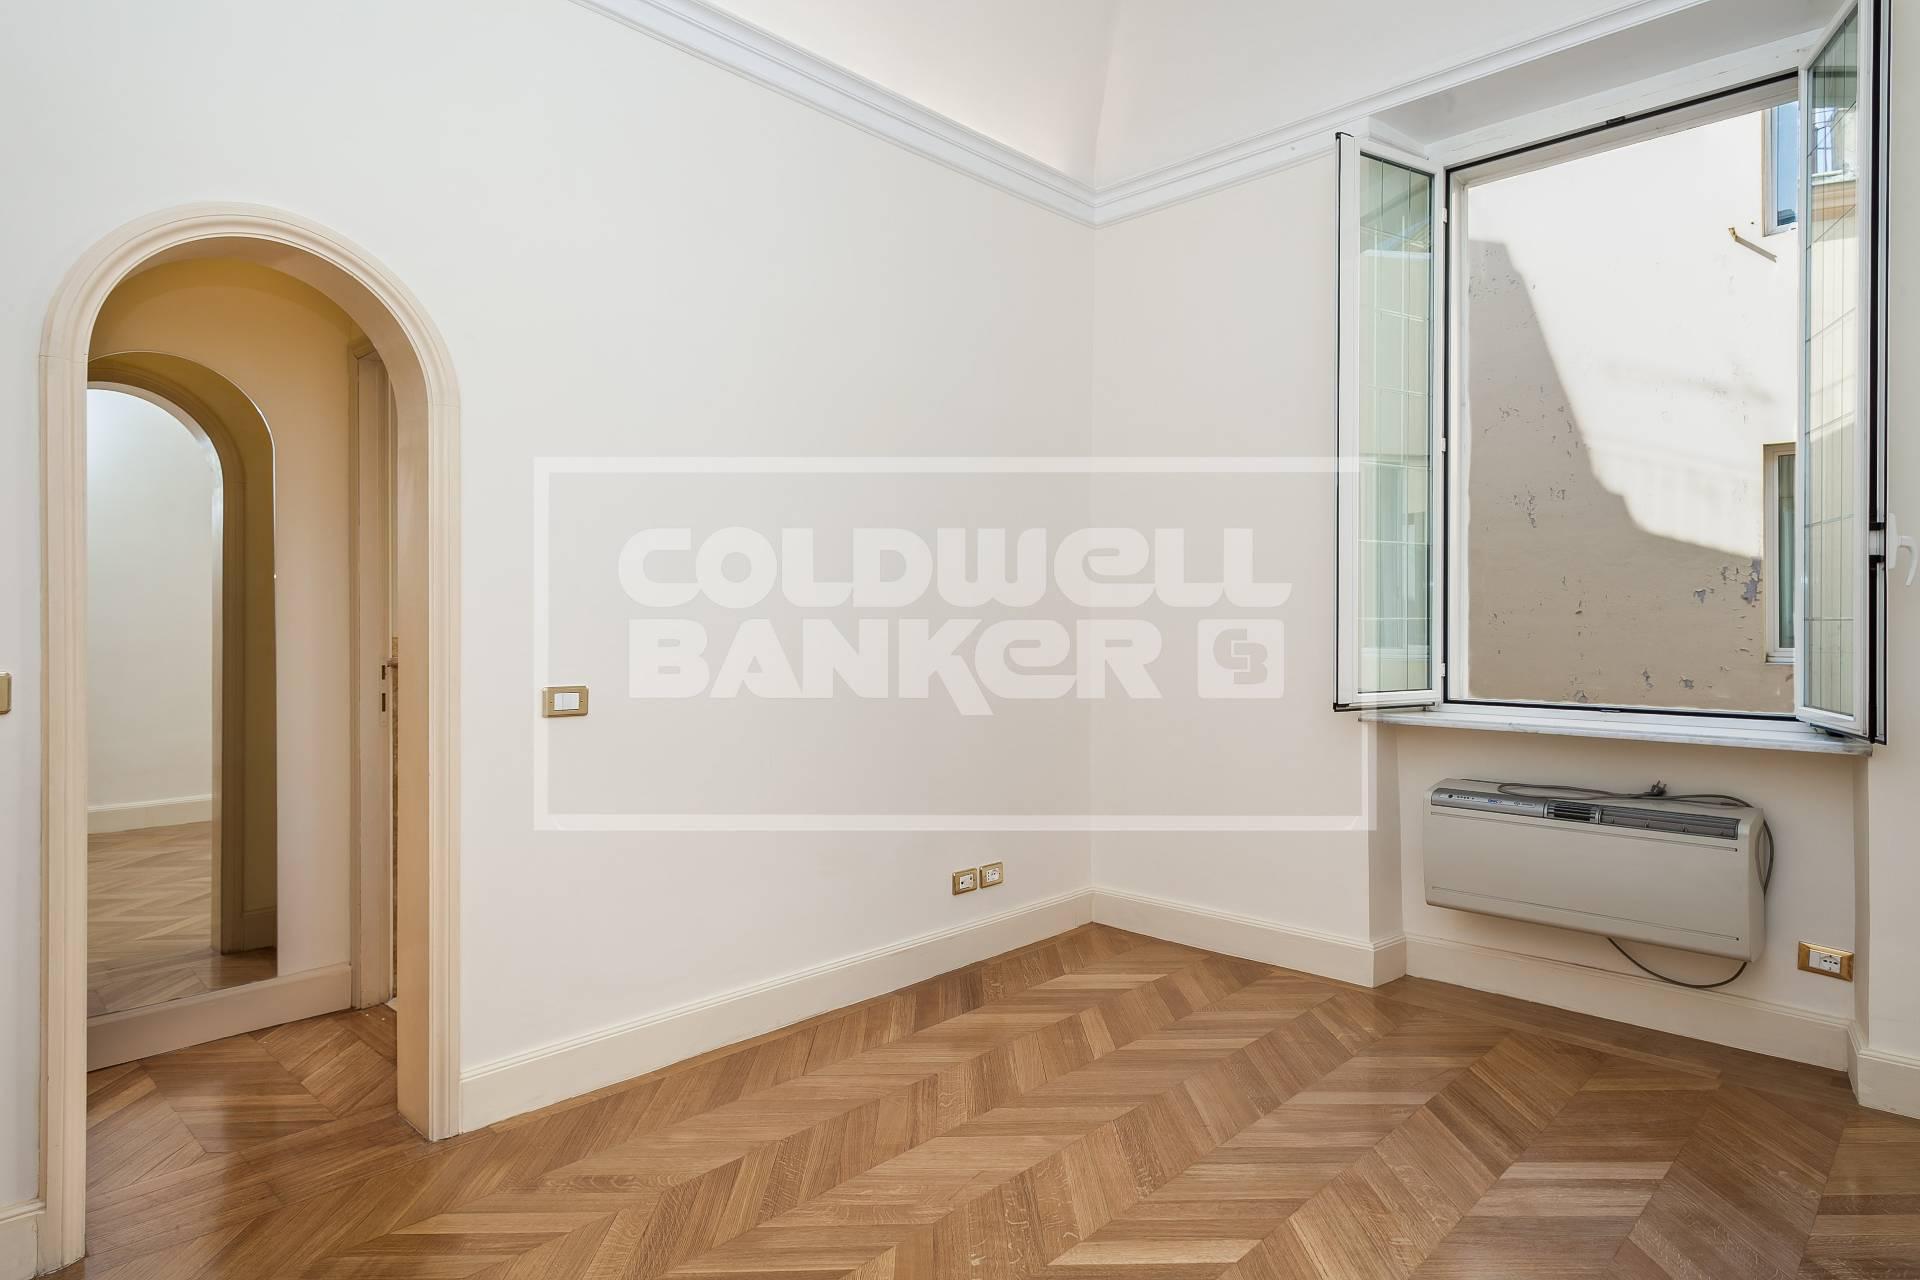 Cbi038 644 43515vk appartamento in affitto a roma for Affitto roma prati